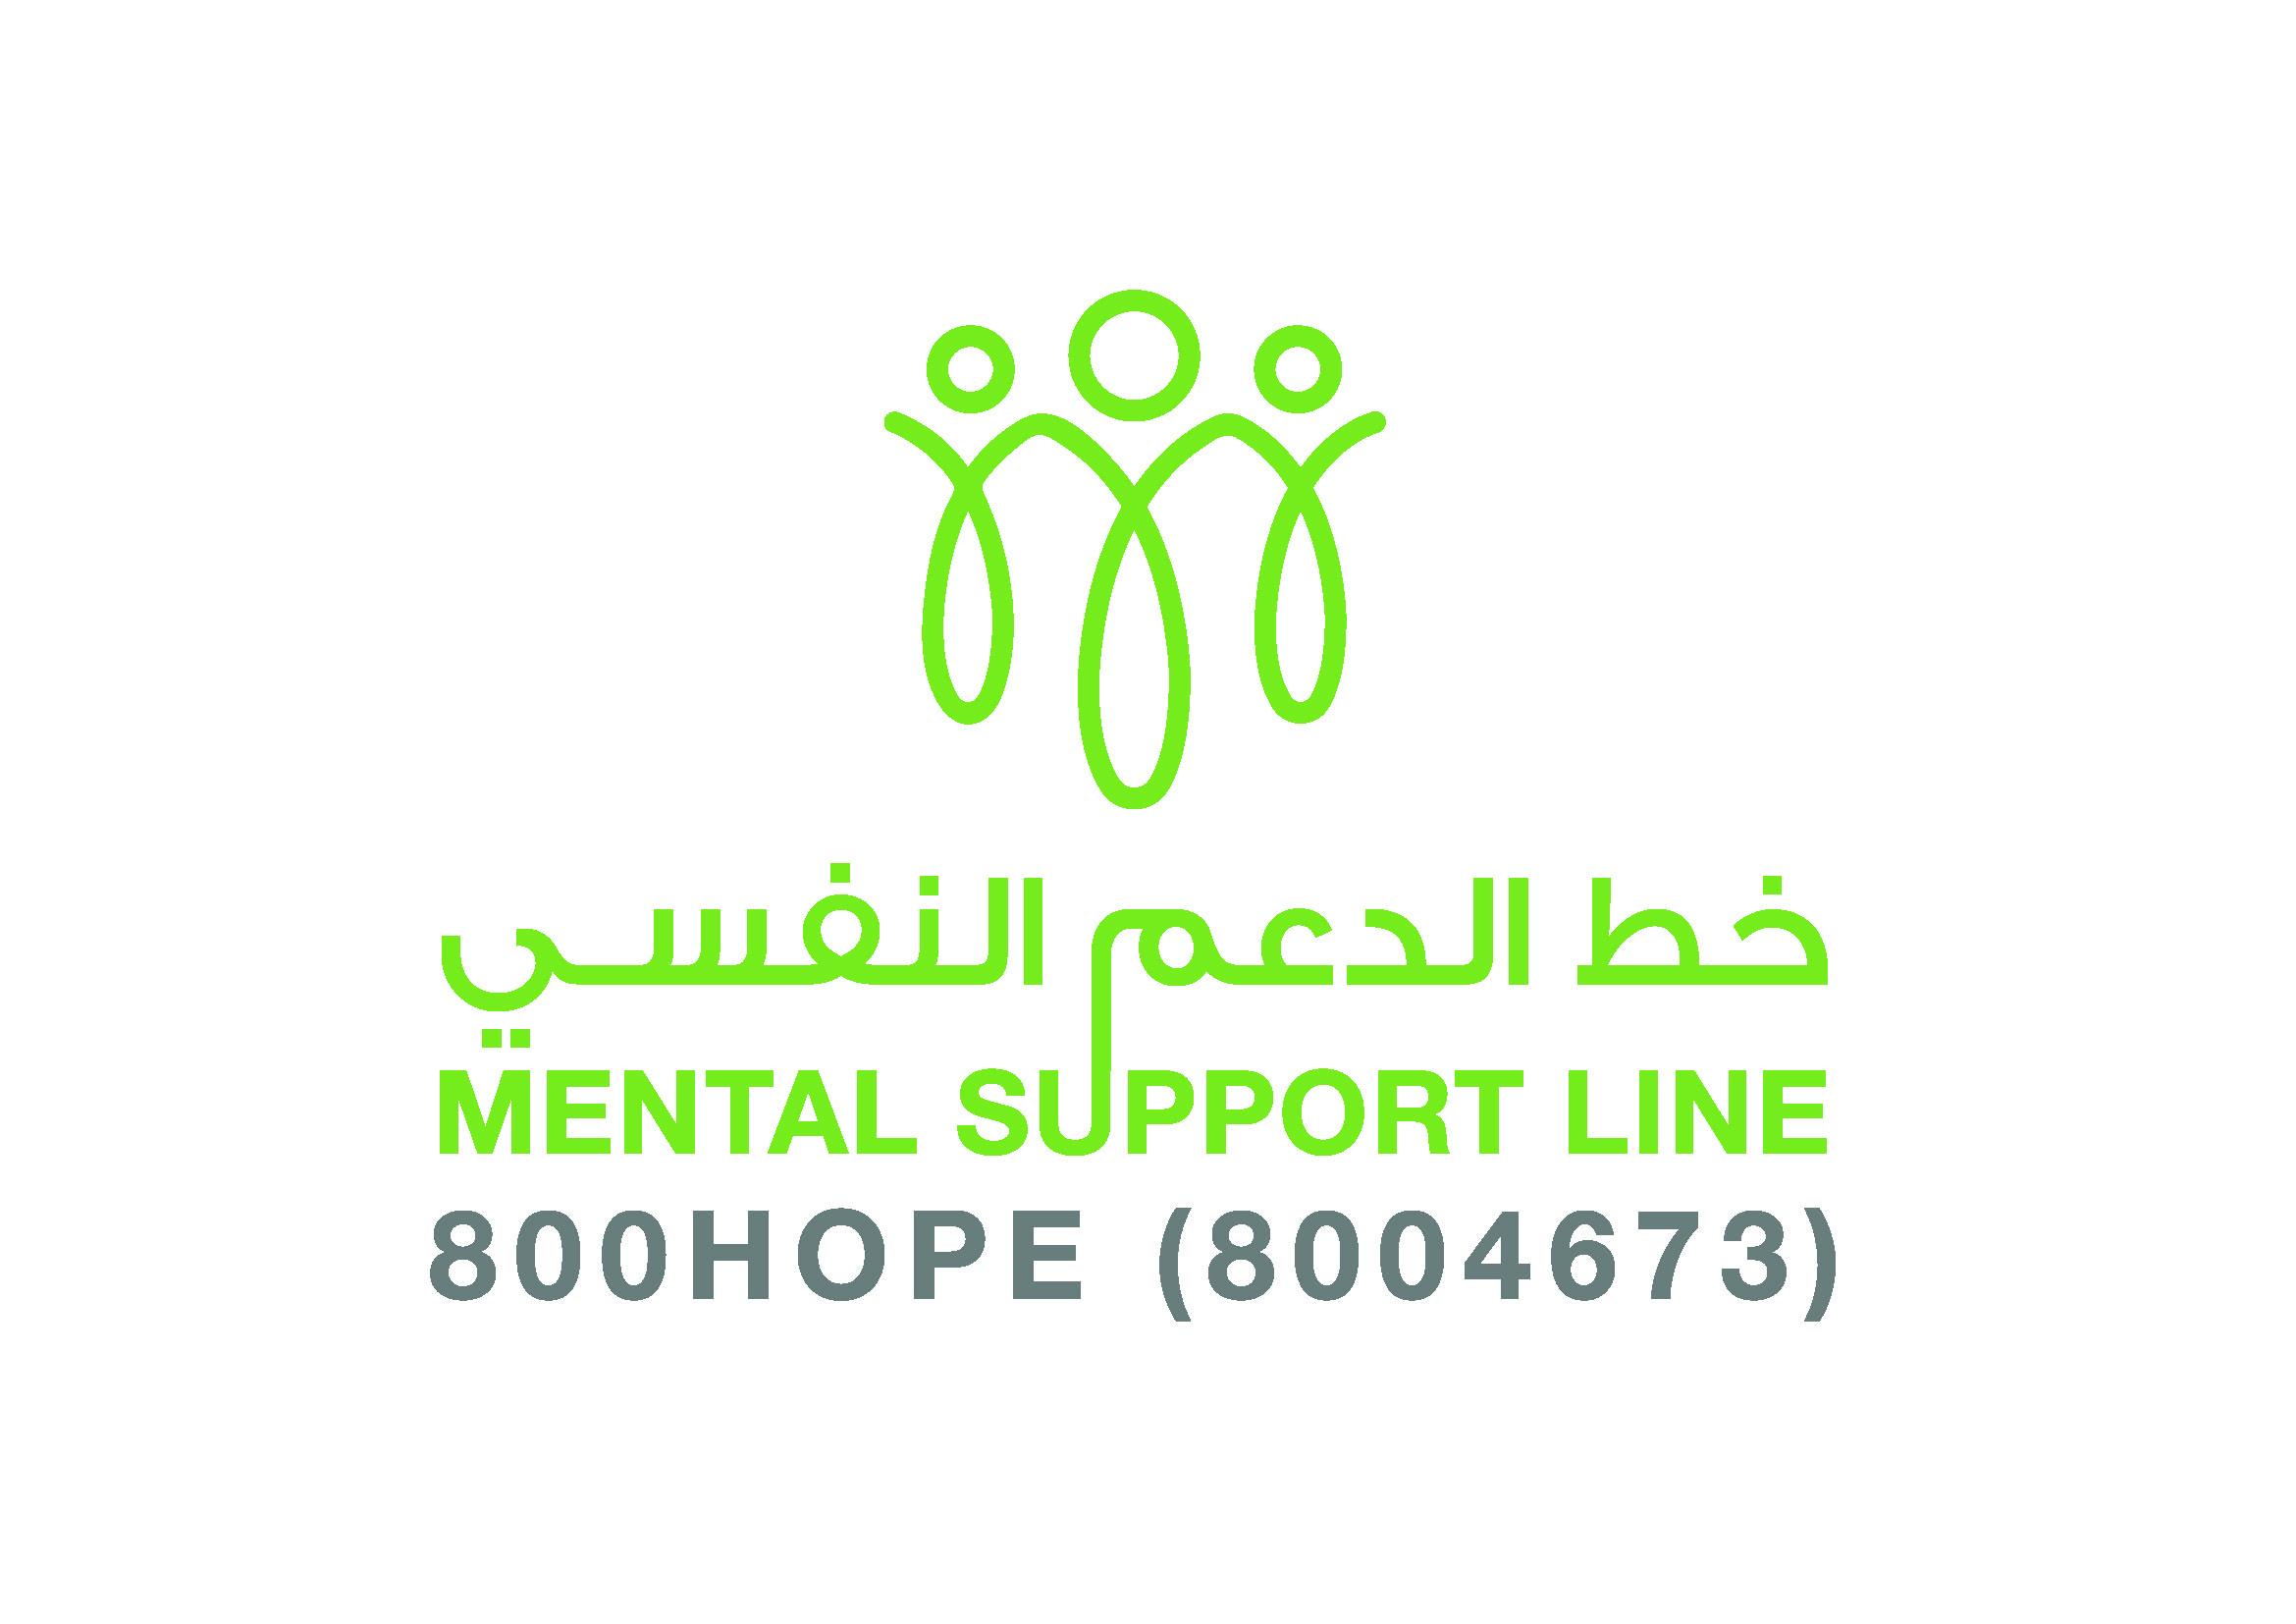 """البرنامج الوطني للسعادة وجودة الحياة يطلق """"خط الدعم النفسي"""" لمساعدة أفراد المجتمع على مواجهة التداعيات النفسية لفيروس """"كورونا المستجد"""""""